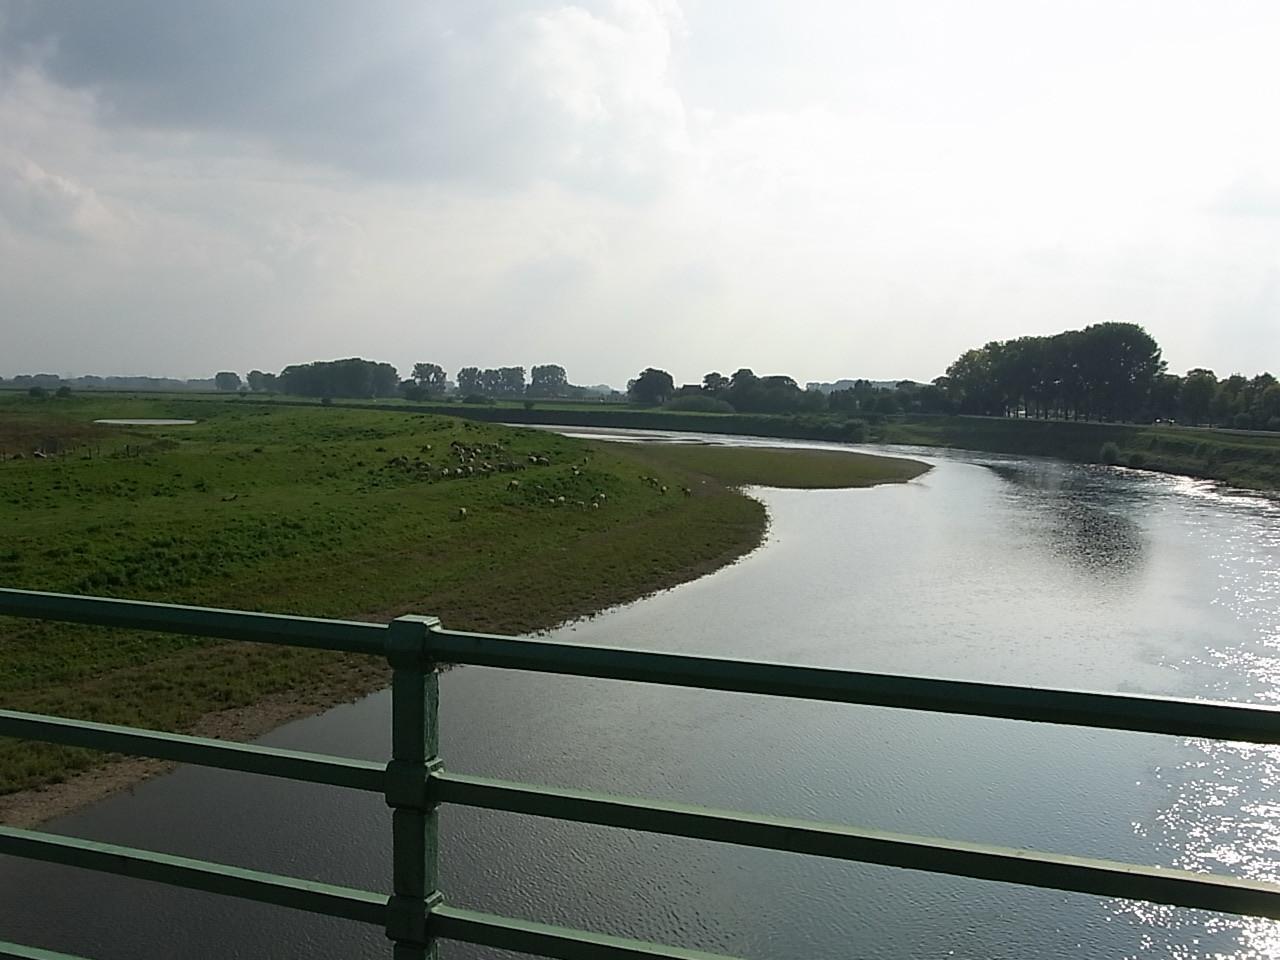 auf dem Weg nach Hause über die Maas bei Maaseik